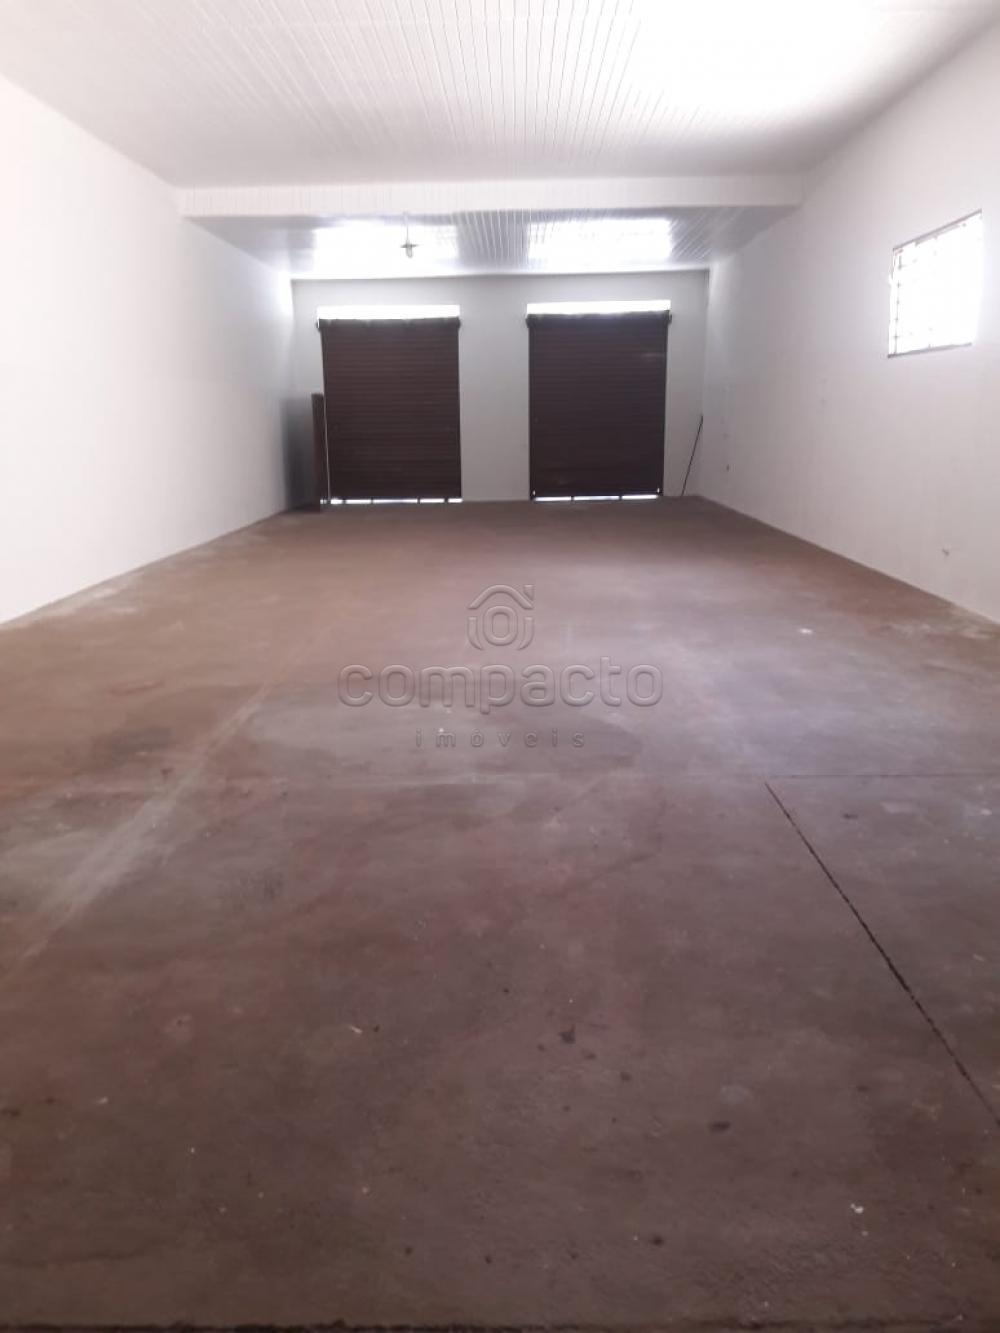 Alugar Comercial / Barracão em São José do Rio Preto apenas R$ 5.900,00 - Foto 14